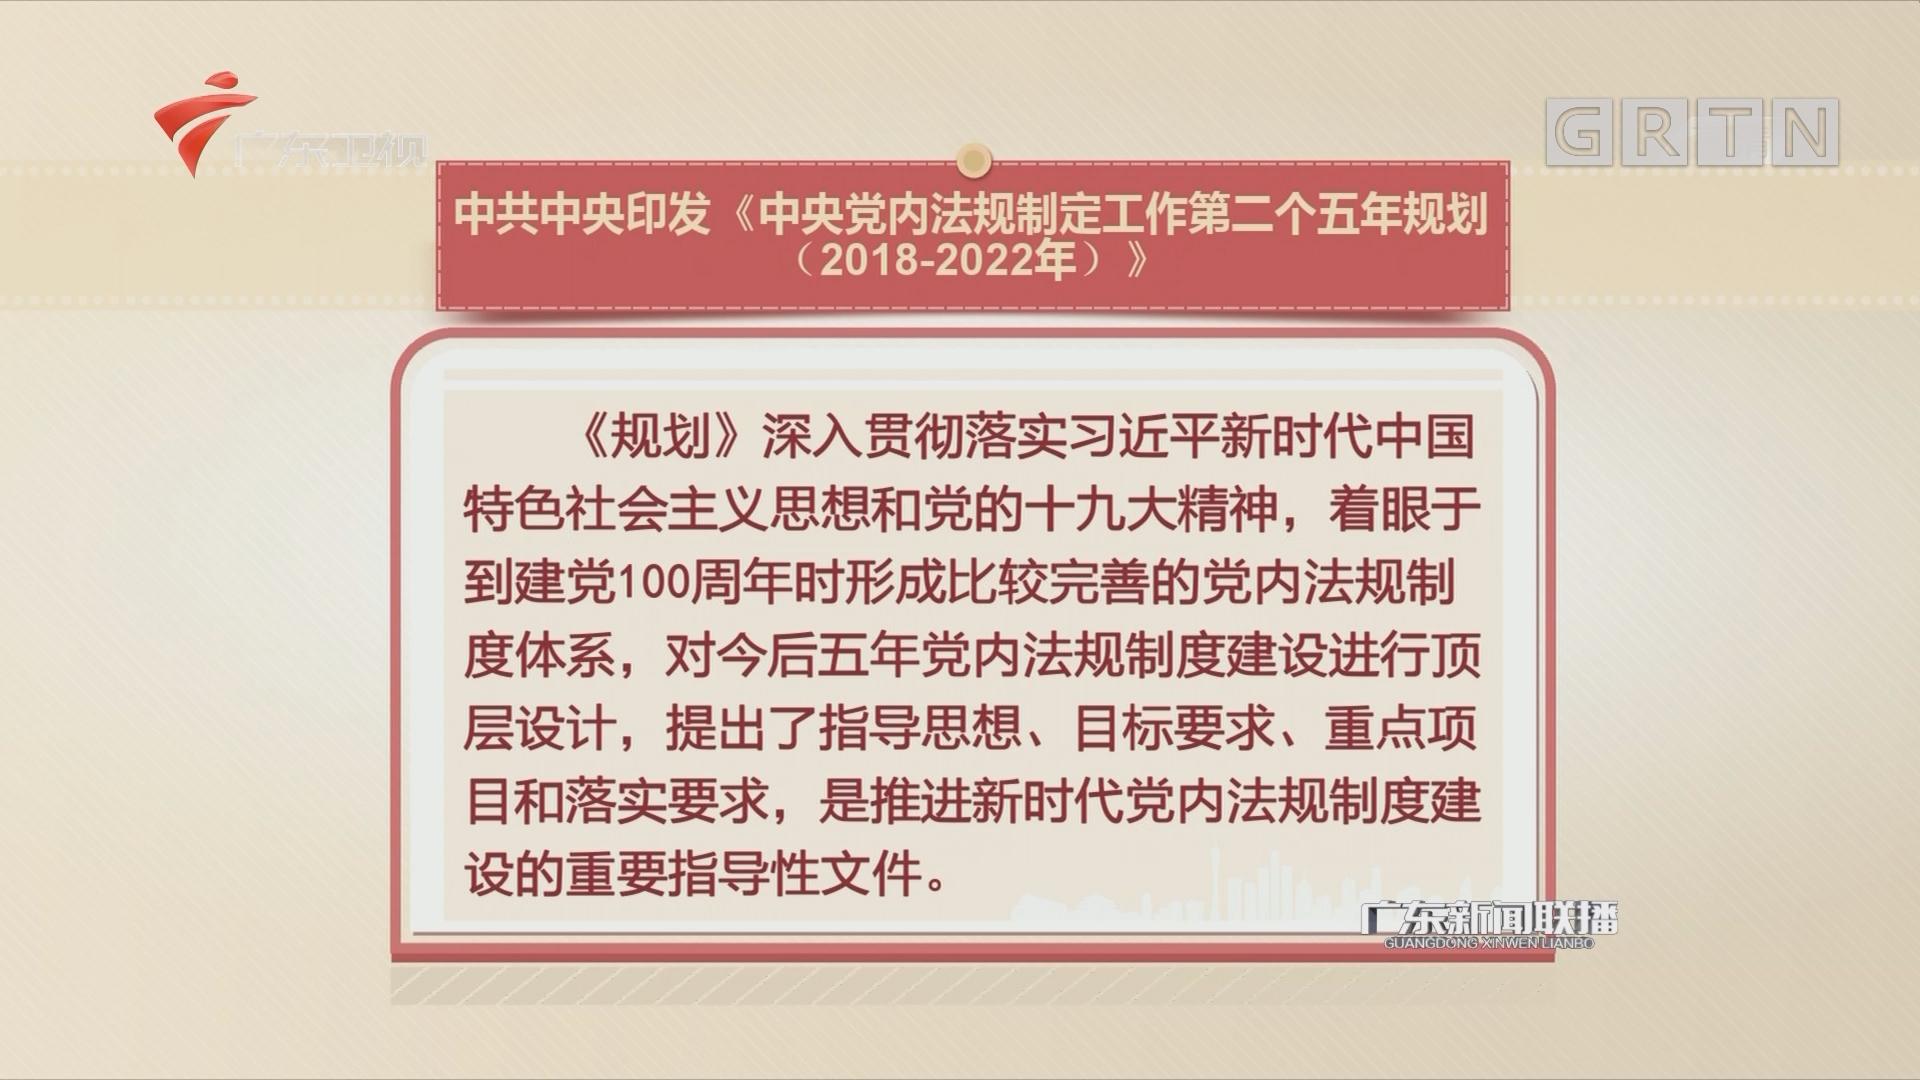 中共中央印发《中央党内法规制定工作第二个五年规划(2018-2022年)》